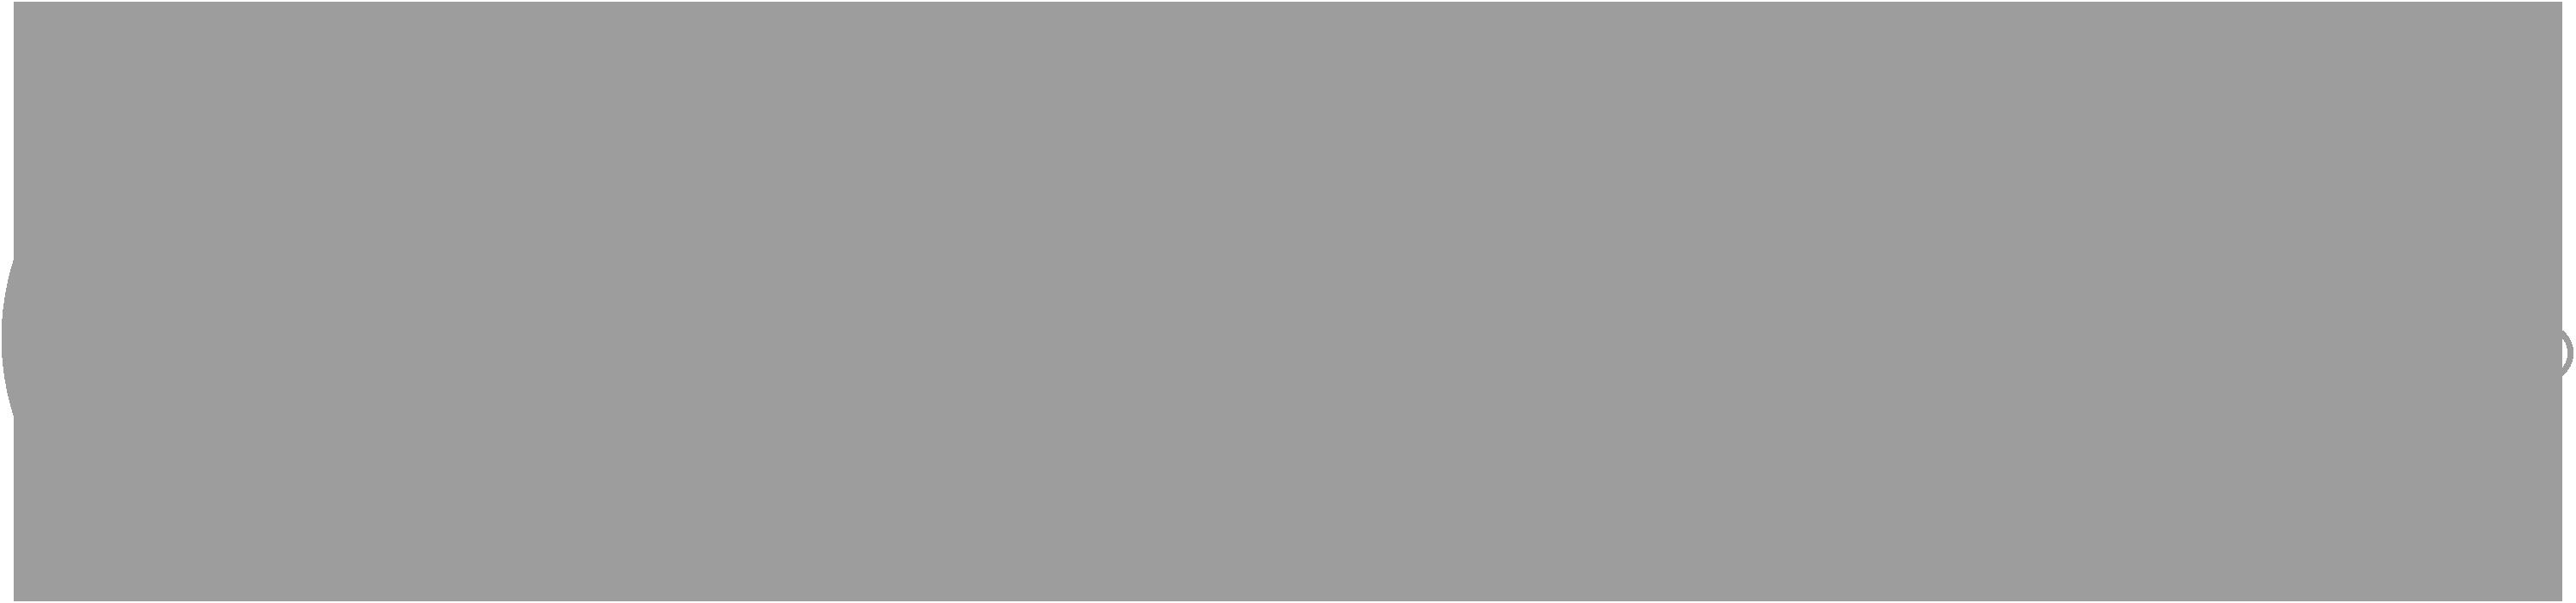 Maruchan_Inc_Logo